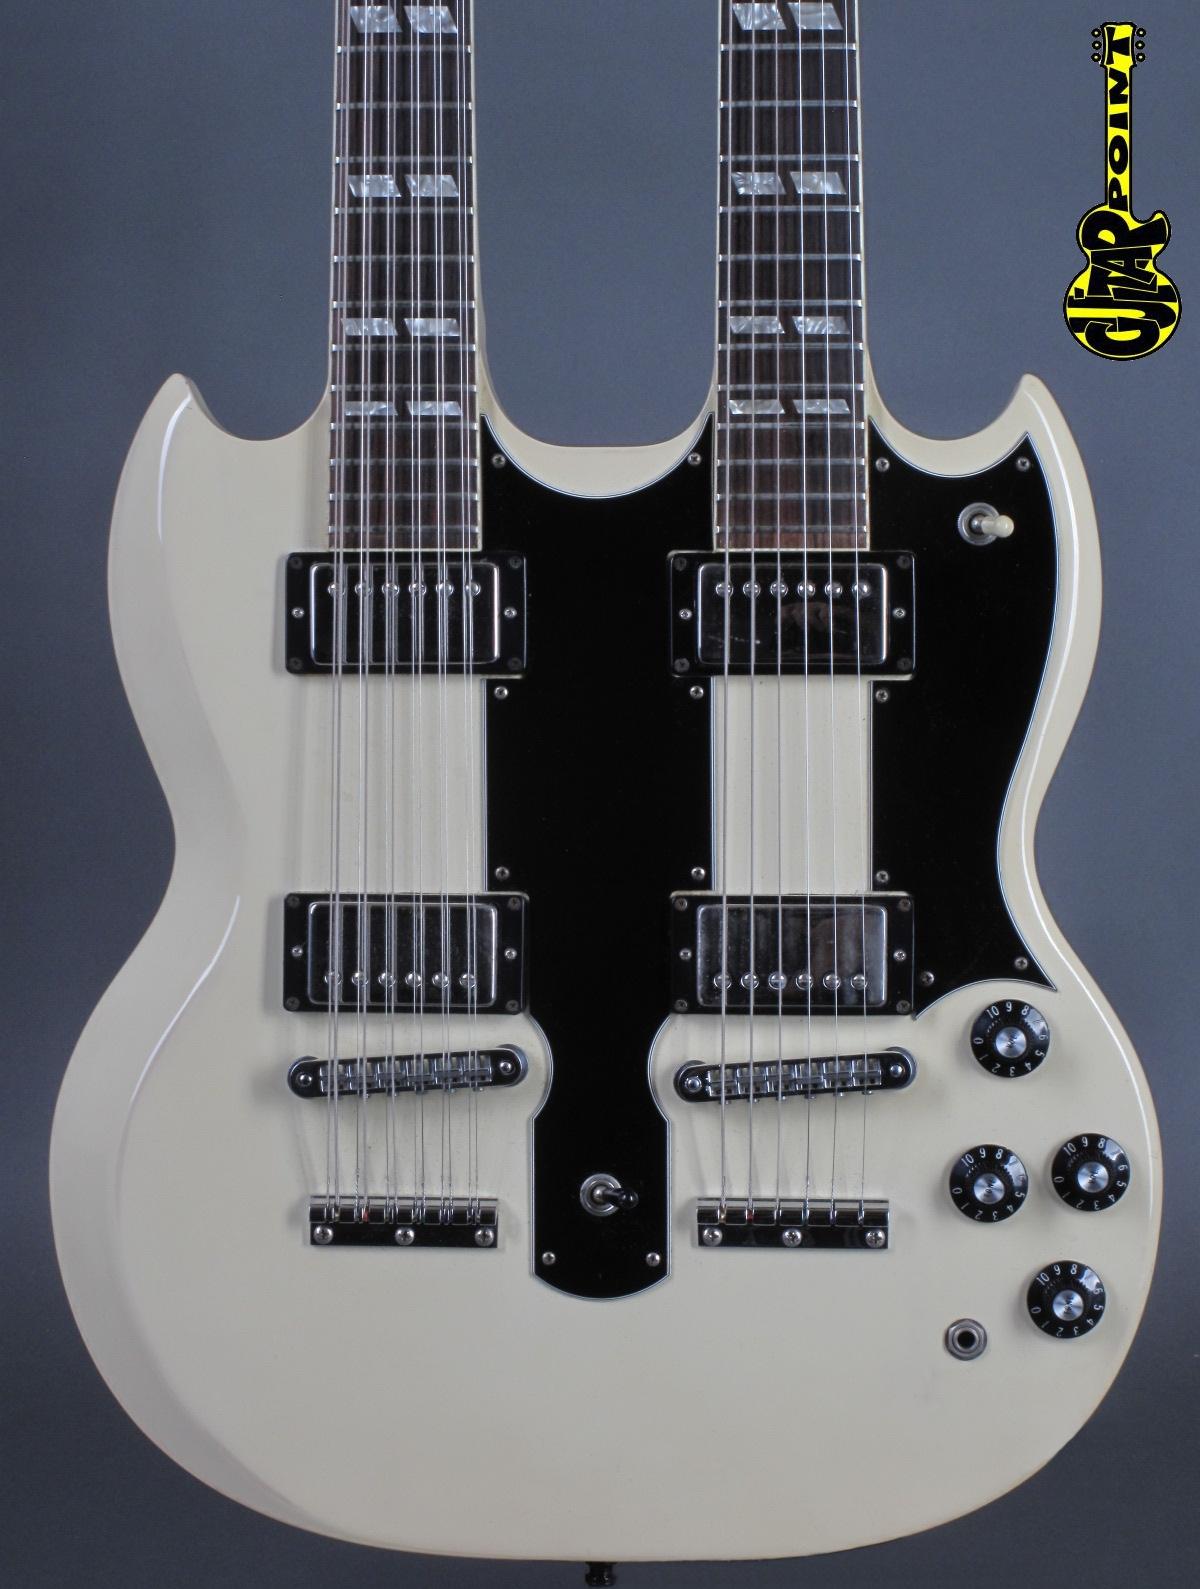 1981 Gibson EDS-1275 Doubleneck - White